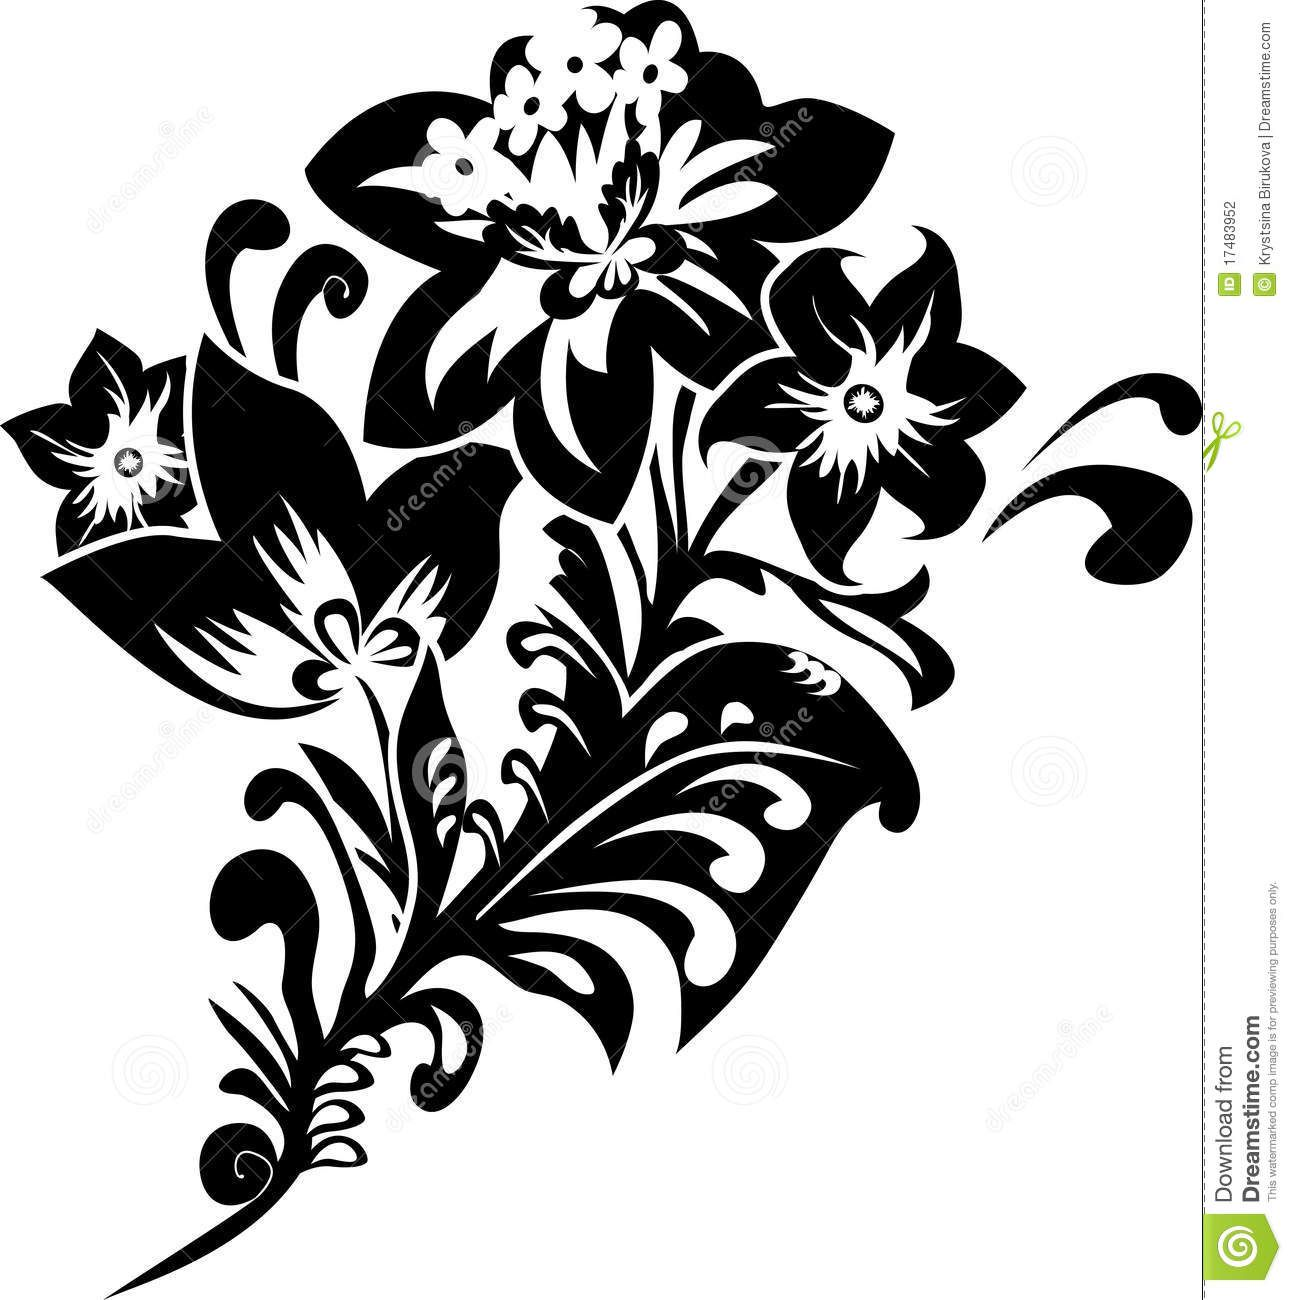 Трафареты цветов для вырезания из бумаги можно